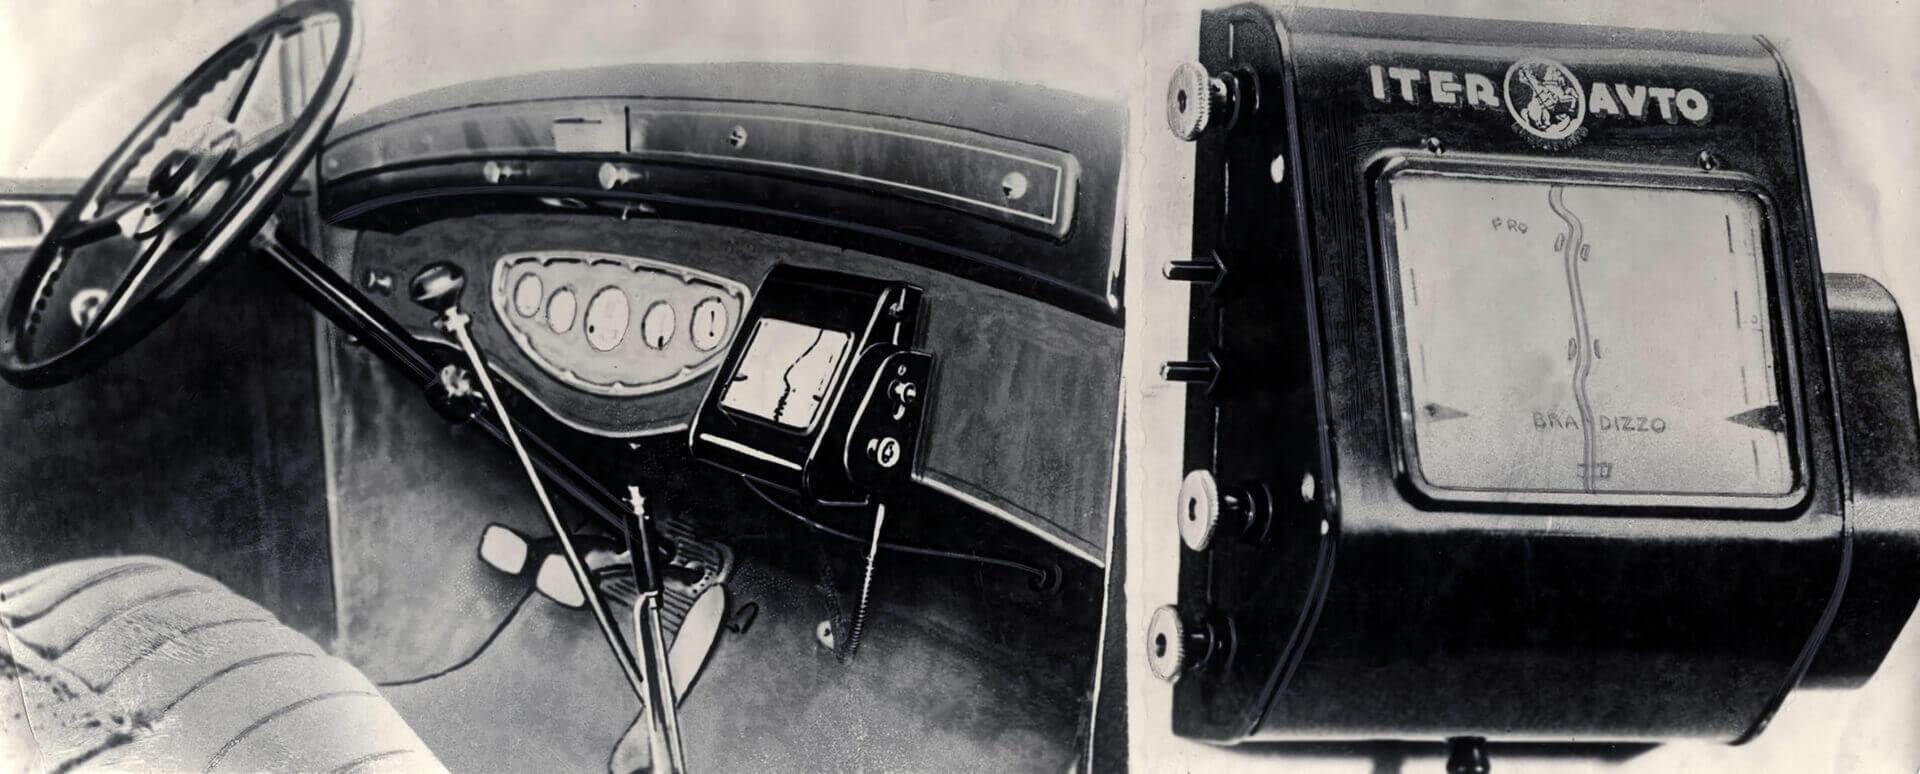 istoria gps auto monitorizare gps 1